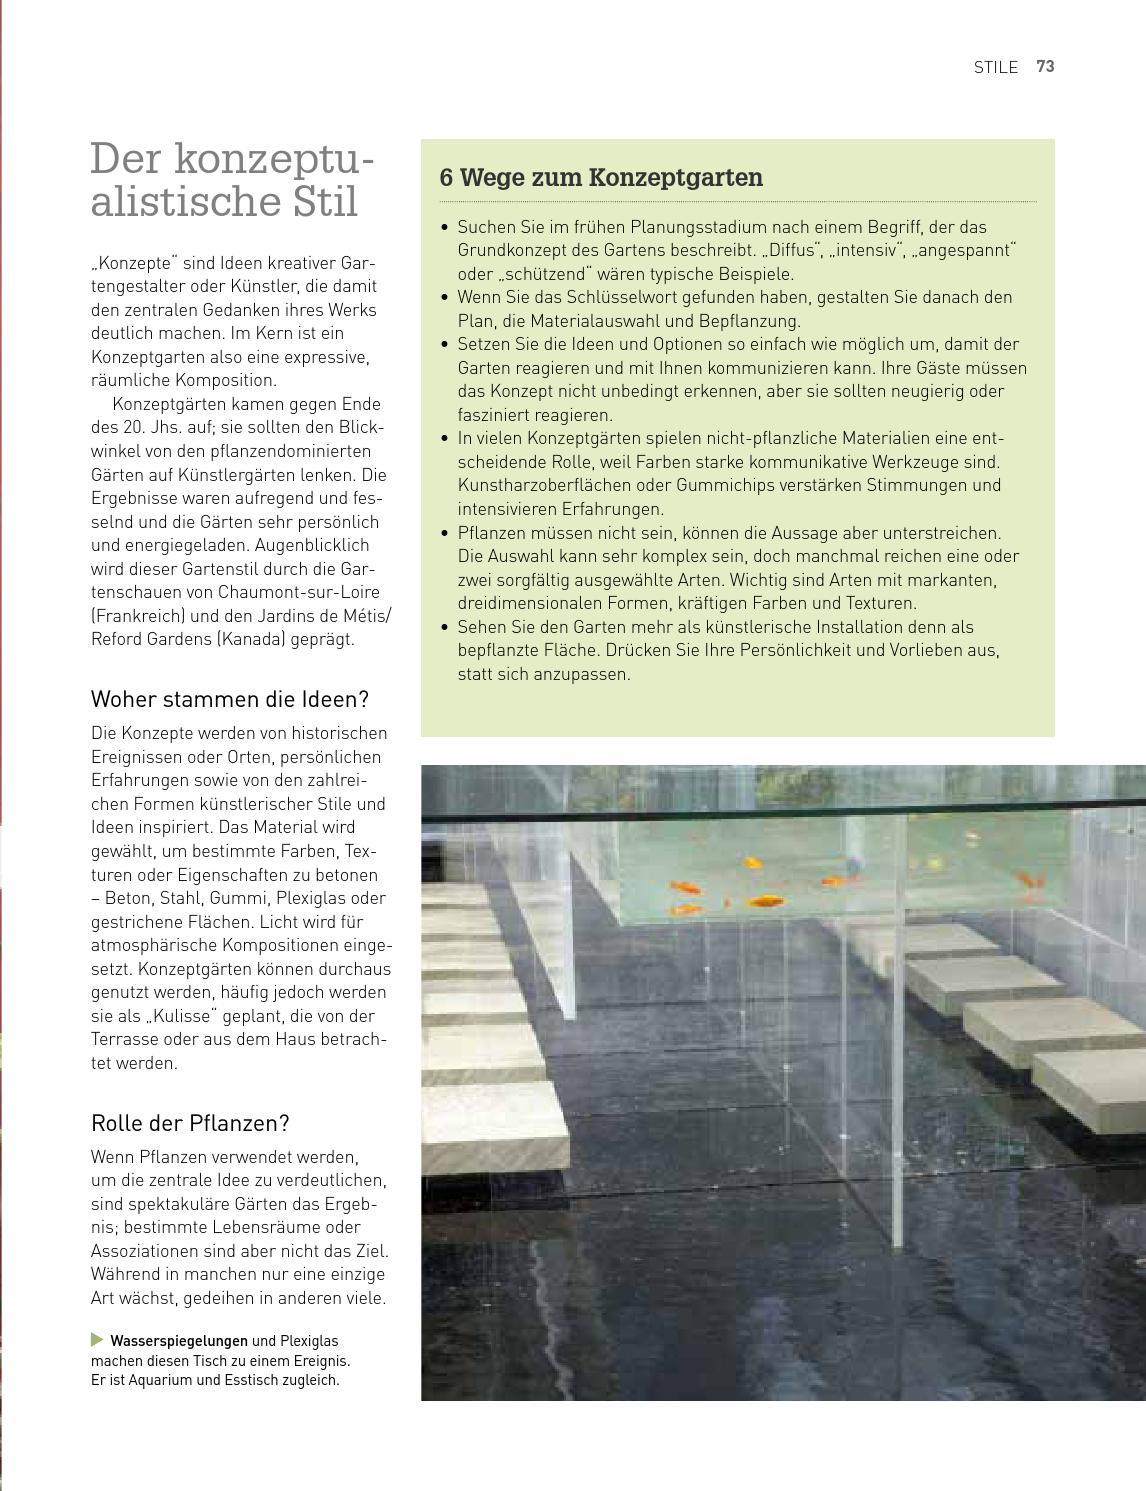 Wilson Handbuch Kleine Gaerten Callwey Issuu By Georg D.W. Callwey GmbH U0026  Co. KG   Issuu